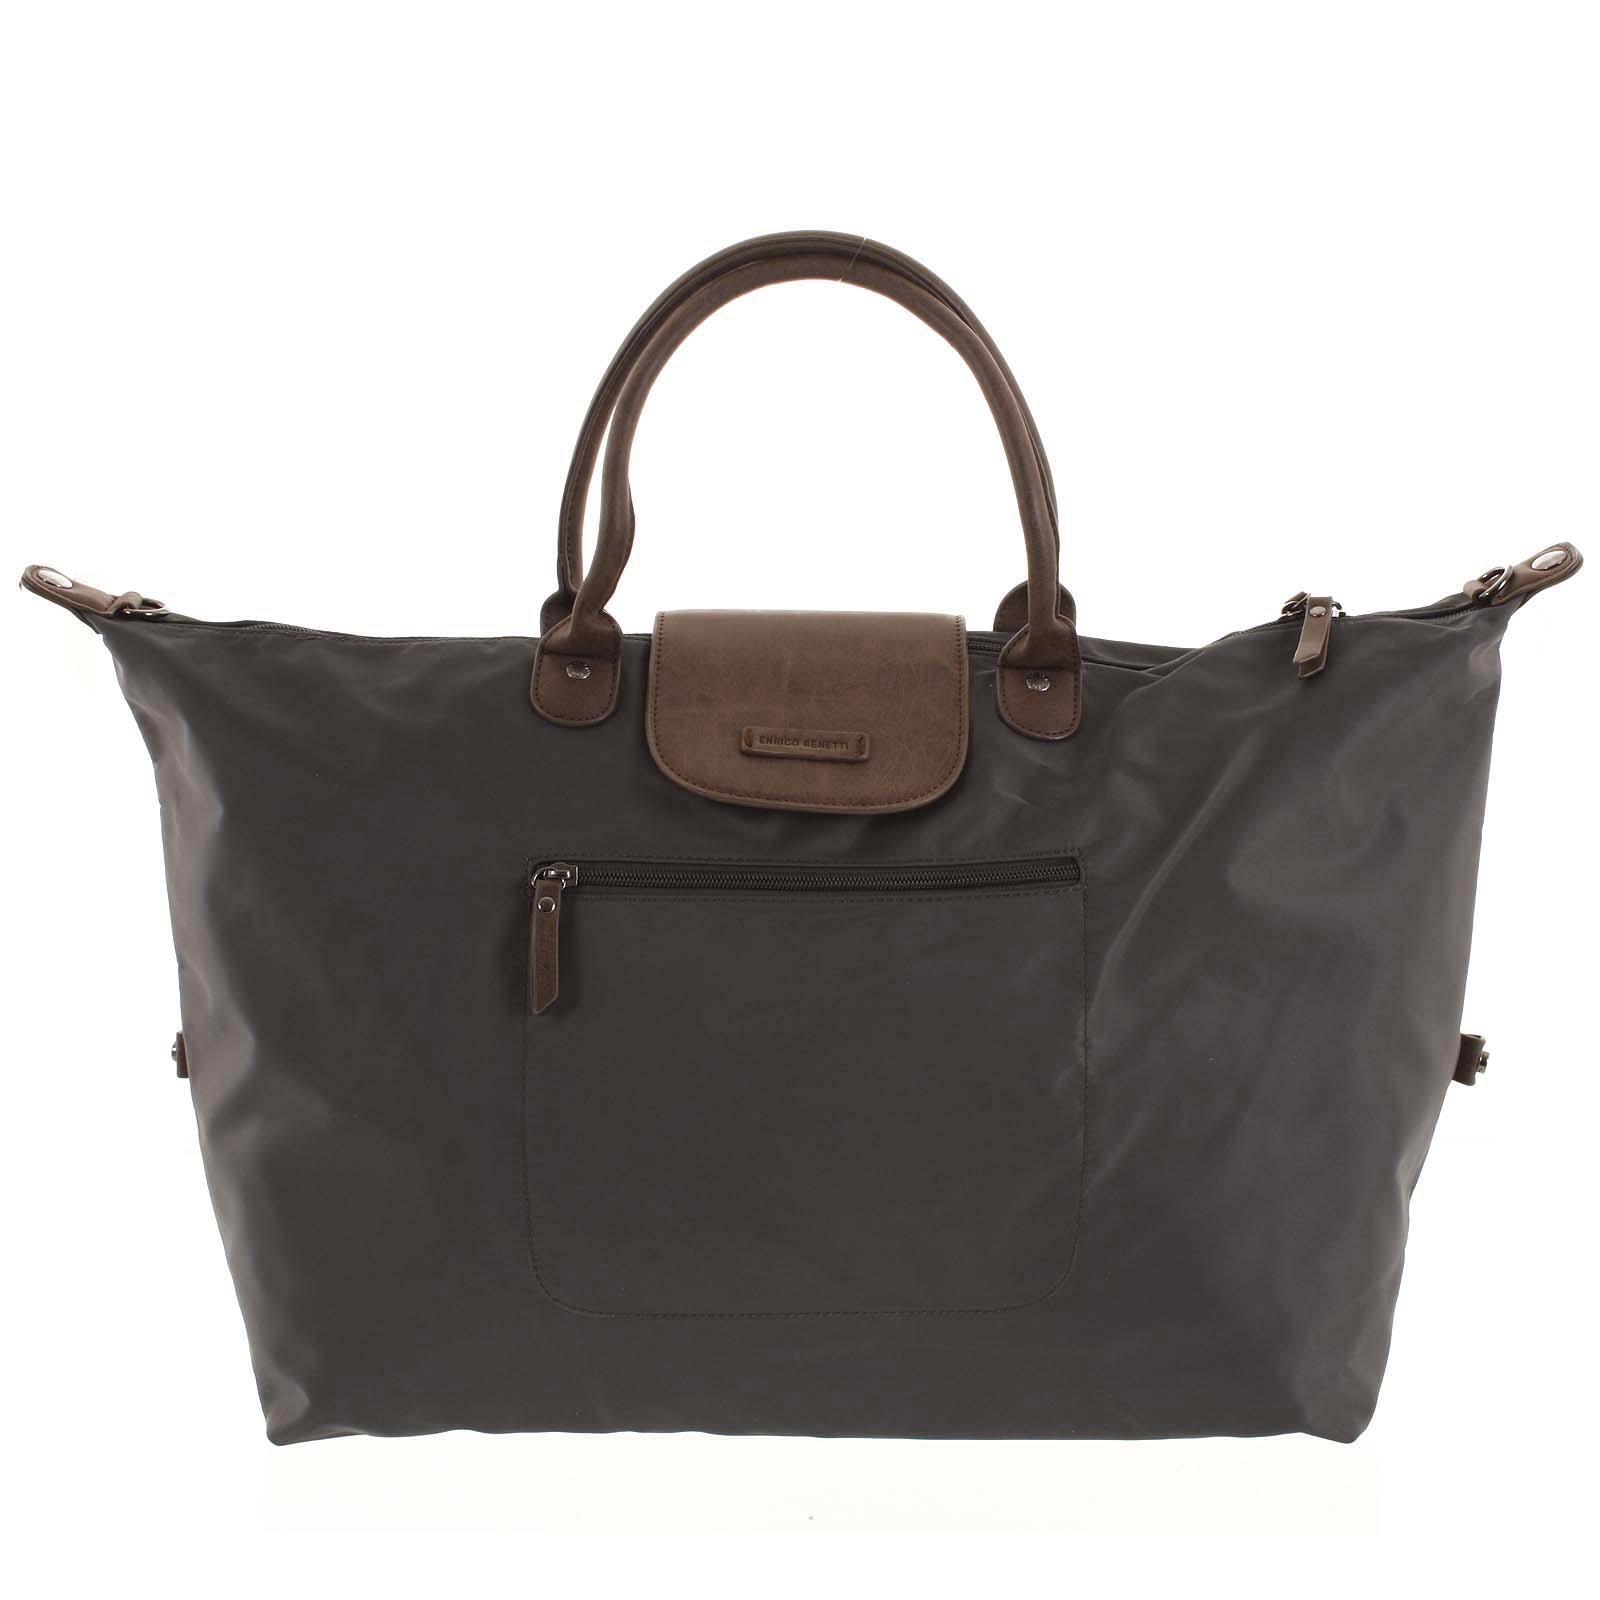 Vodeodolná cestovná taška tmavo šedá - Enrico Benetti Maroony šedá